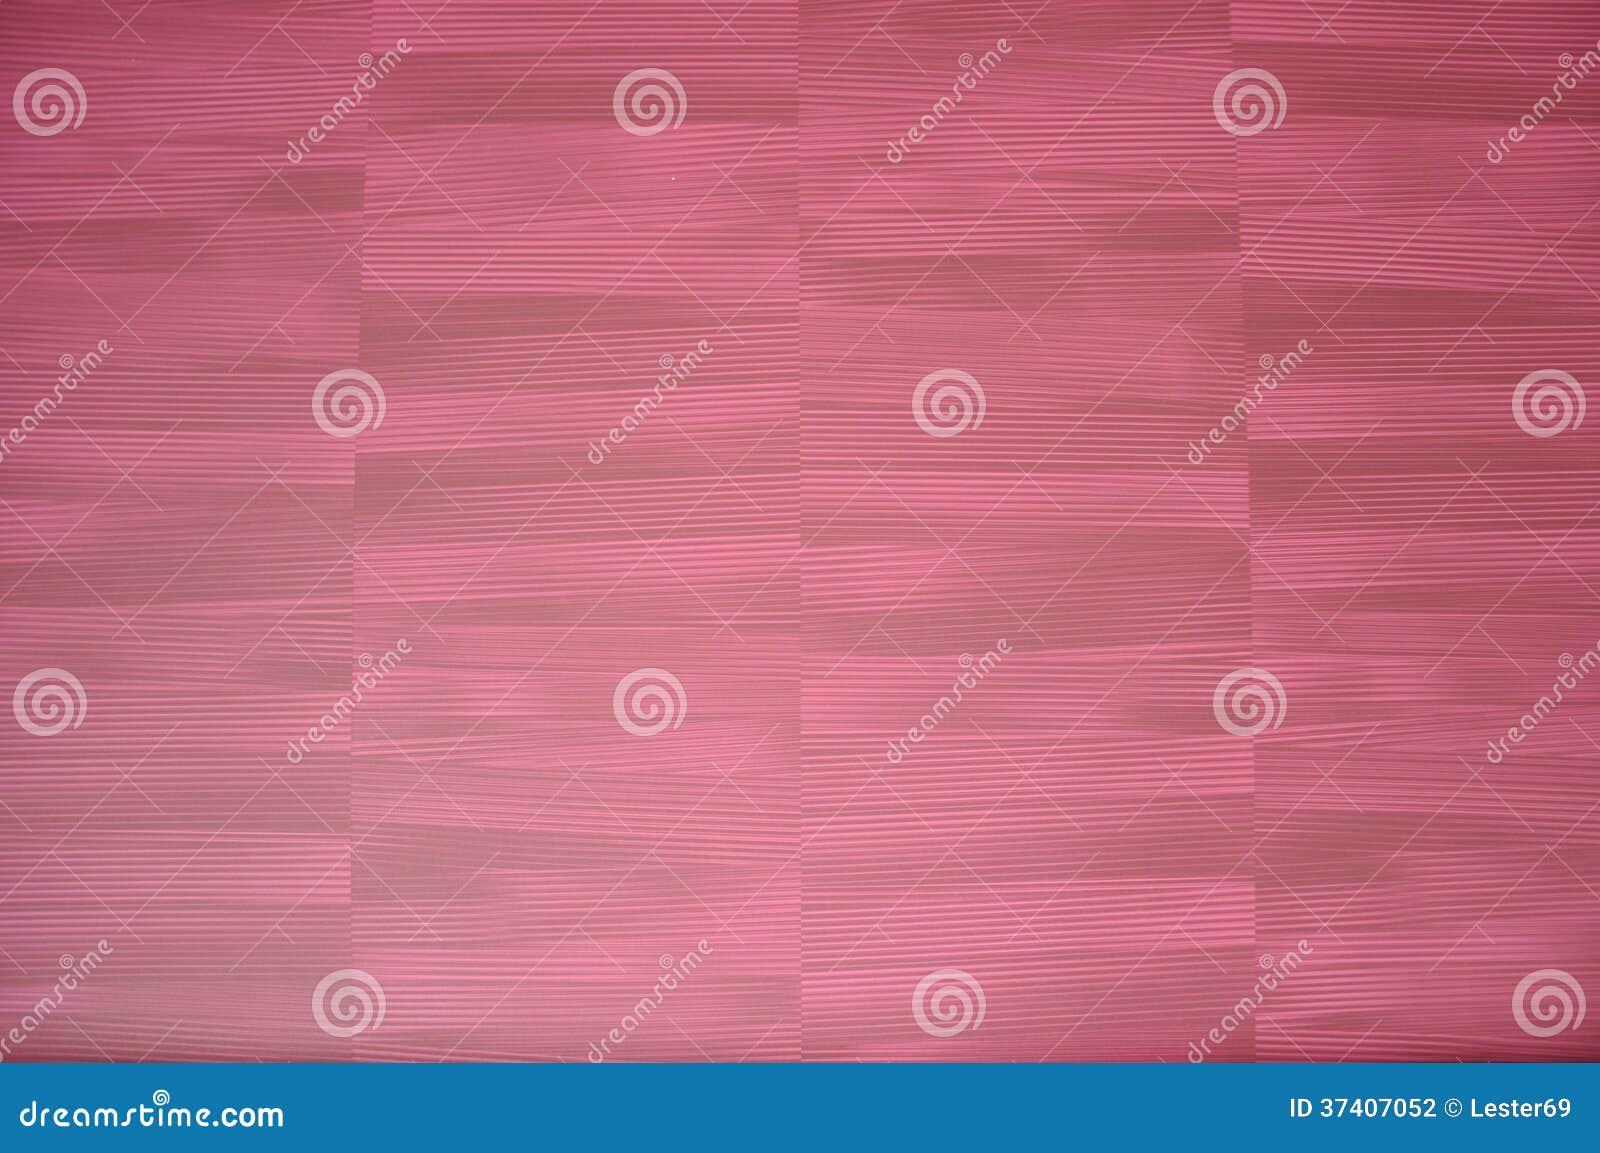 Elegante tapete stockfotografie bild 37407052 for Elegante tapeten